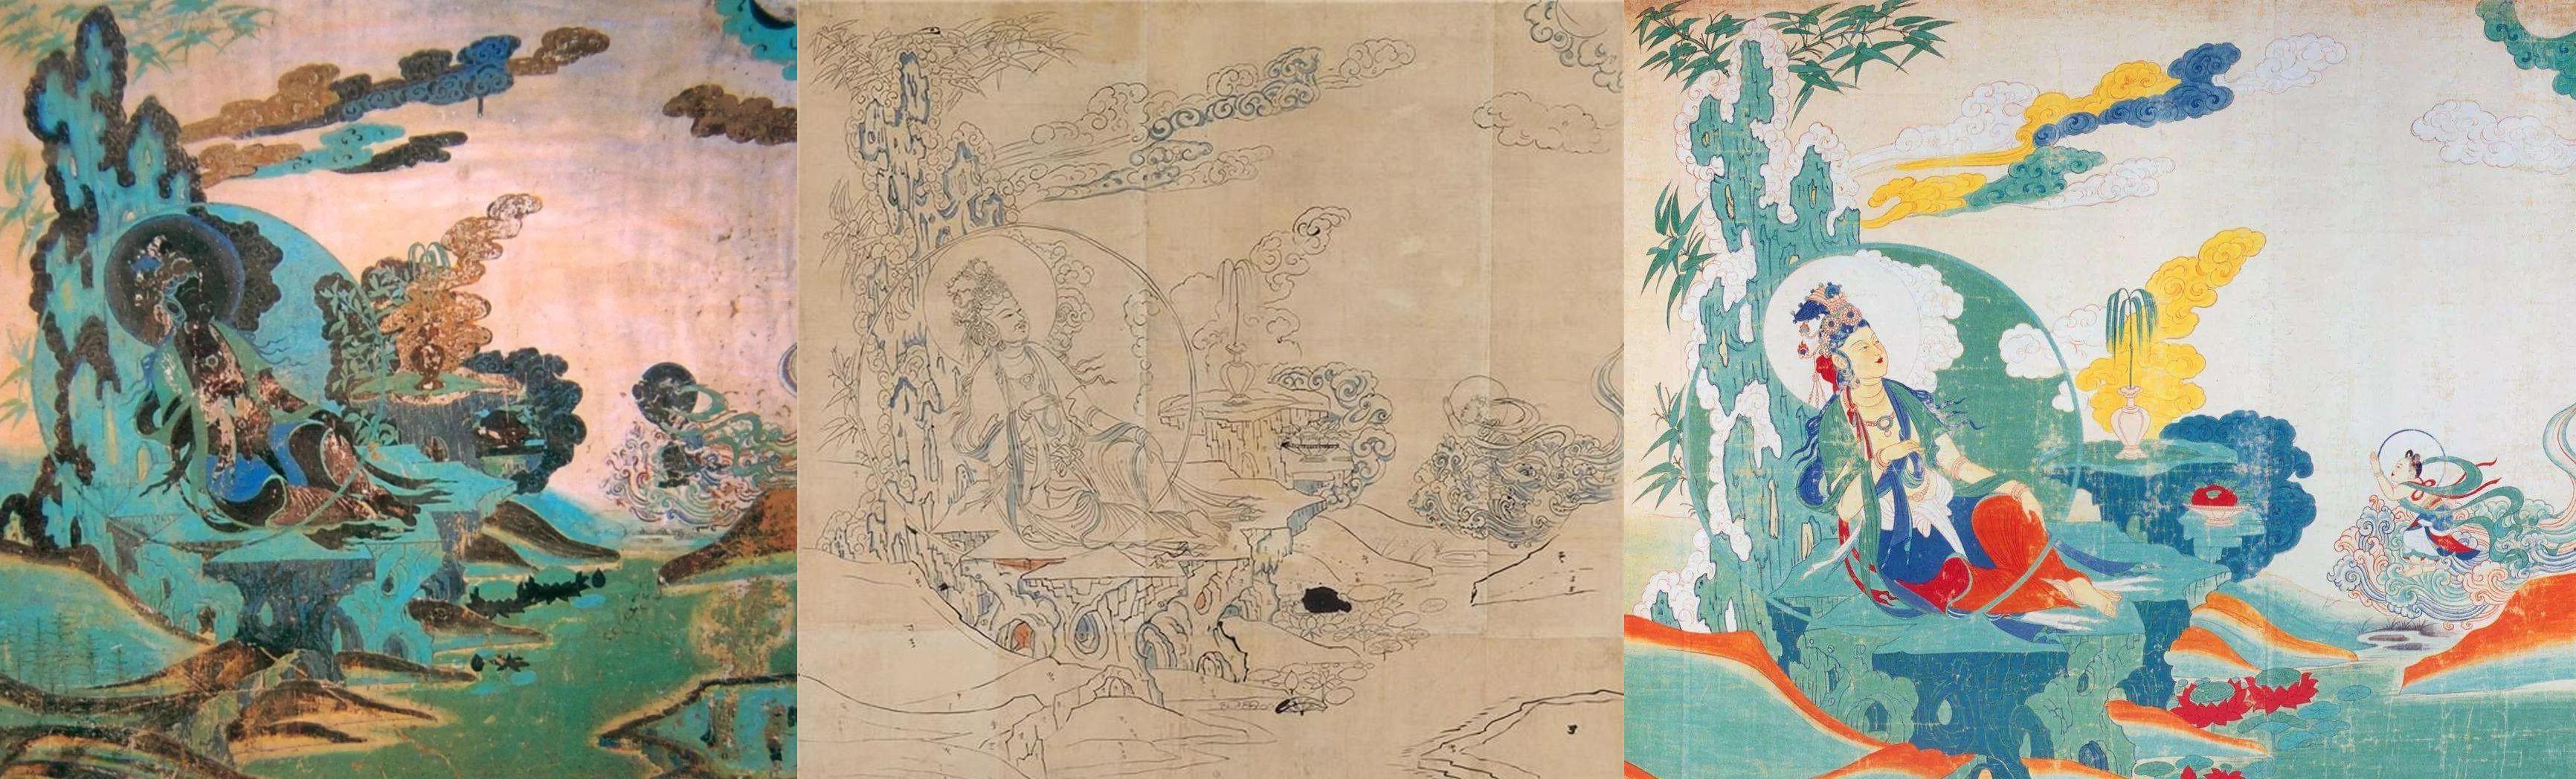 榆林窟水月观音原画¡¢张大千粉本和最终成品对比